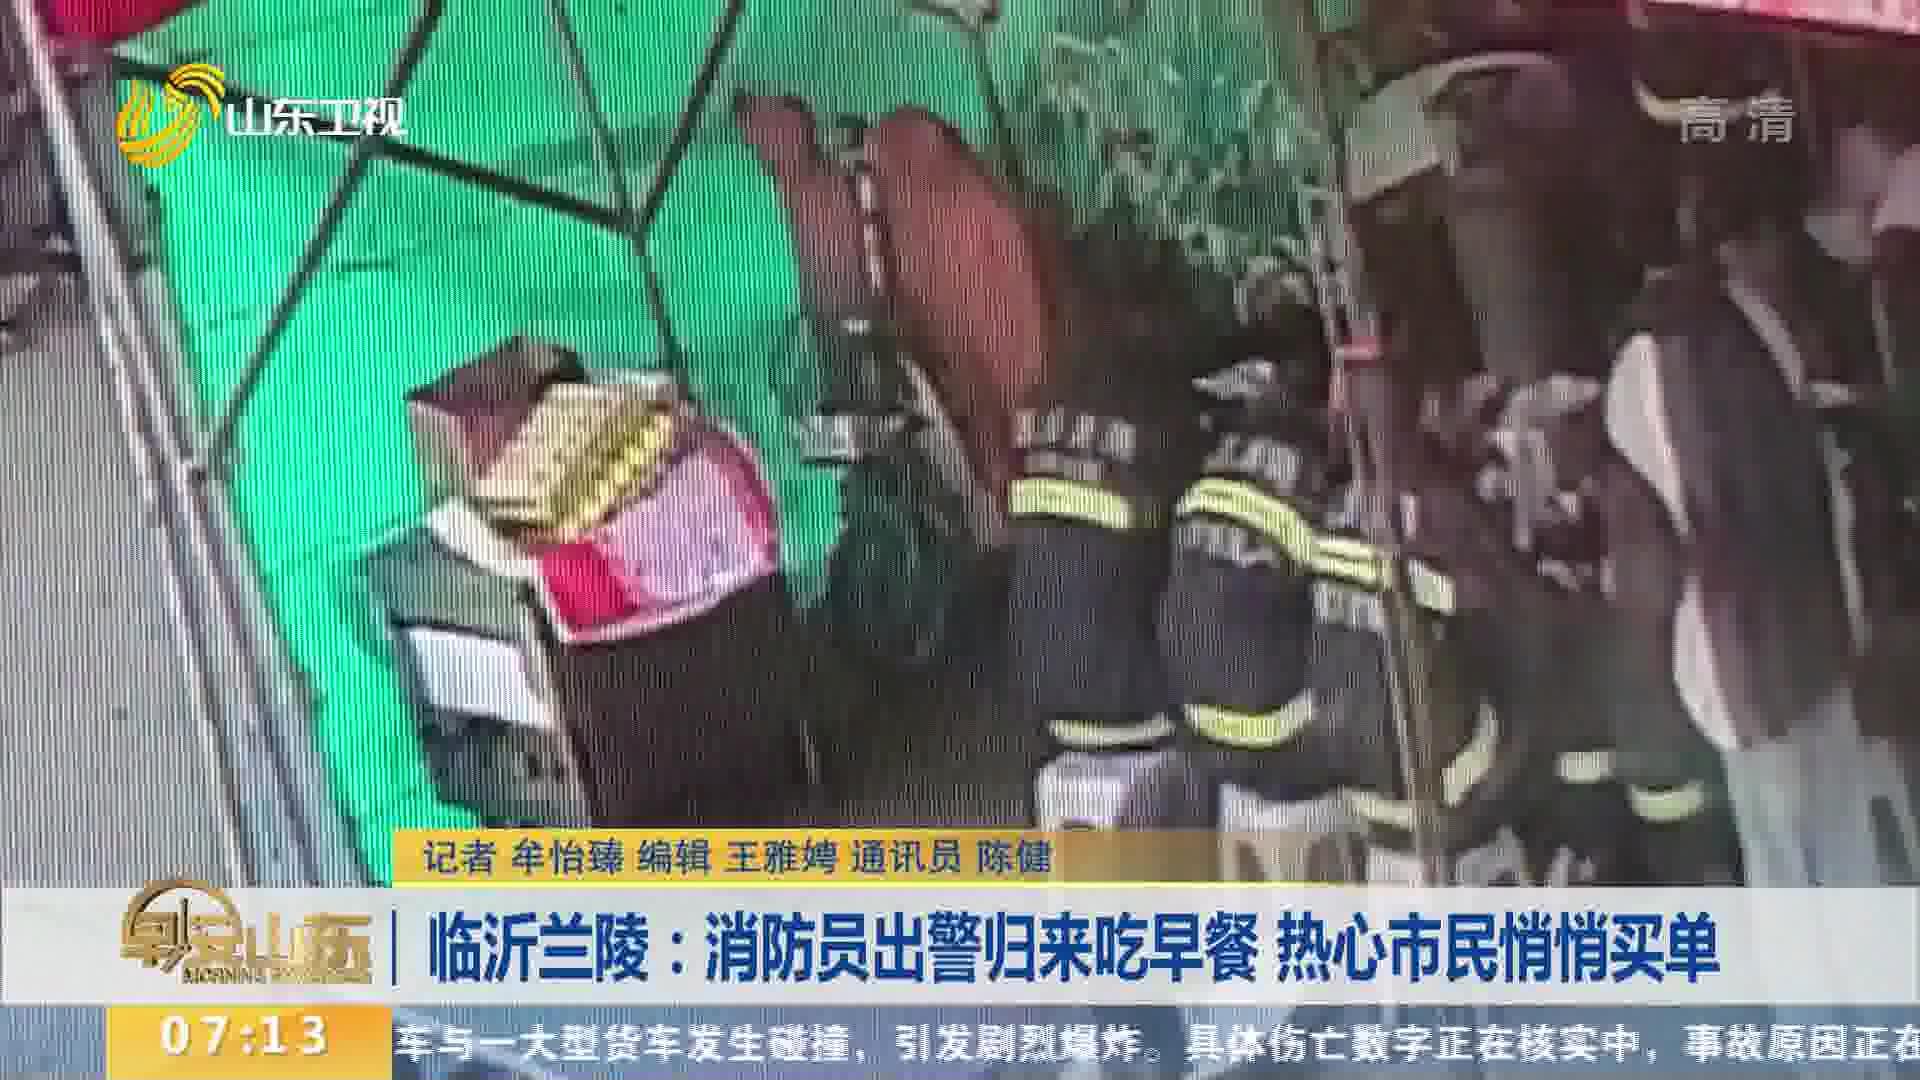 临沂兰陵:消防员出警归来吃早餐 热心市民悄悄买单